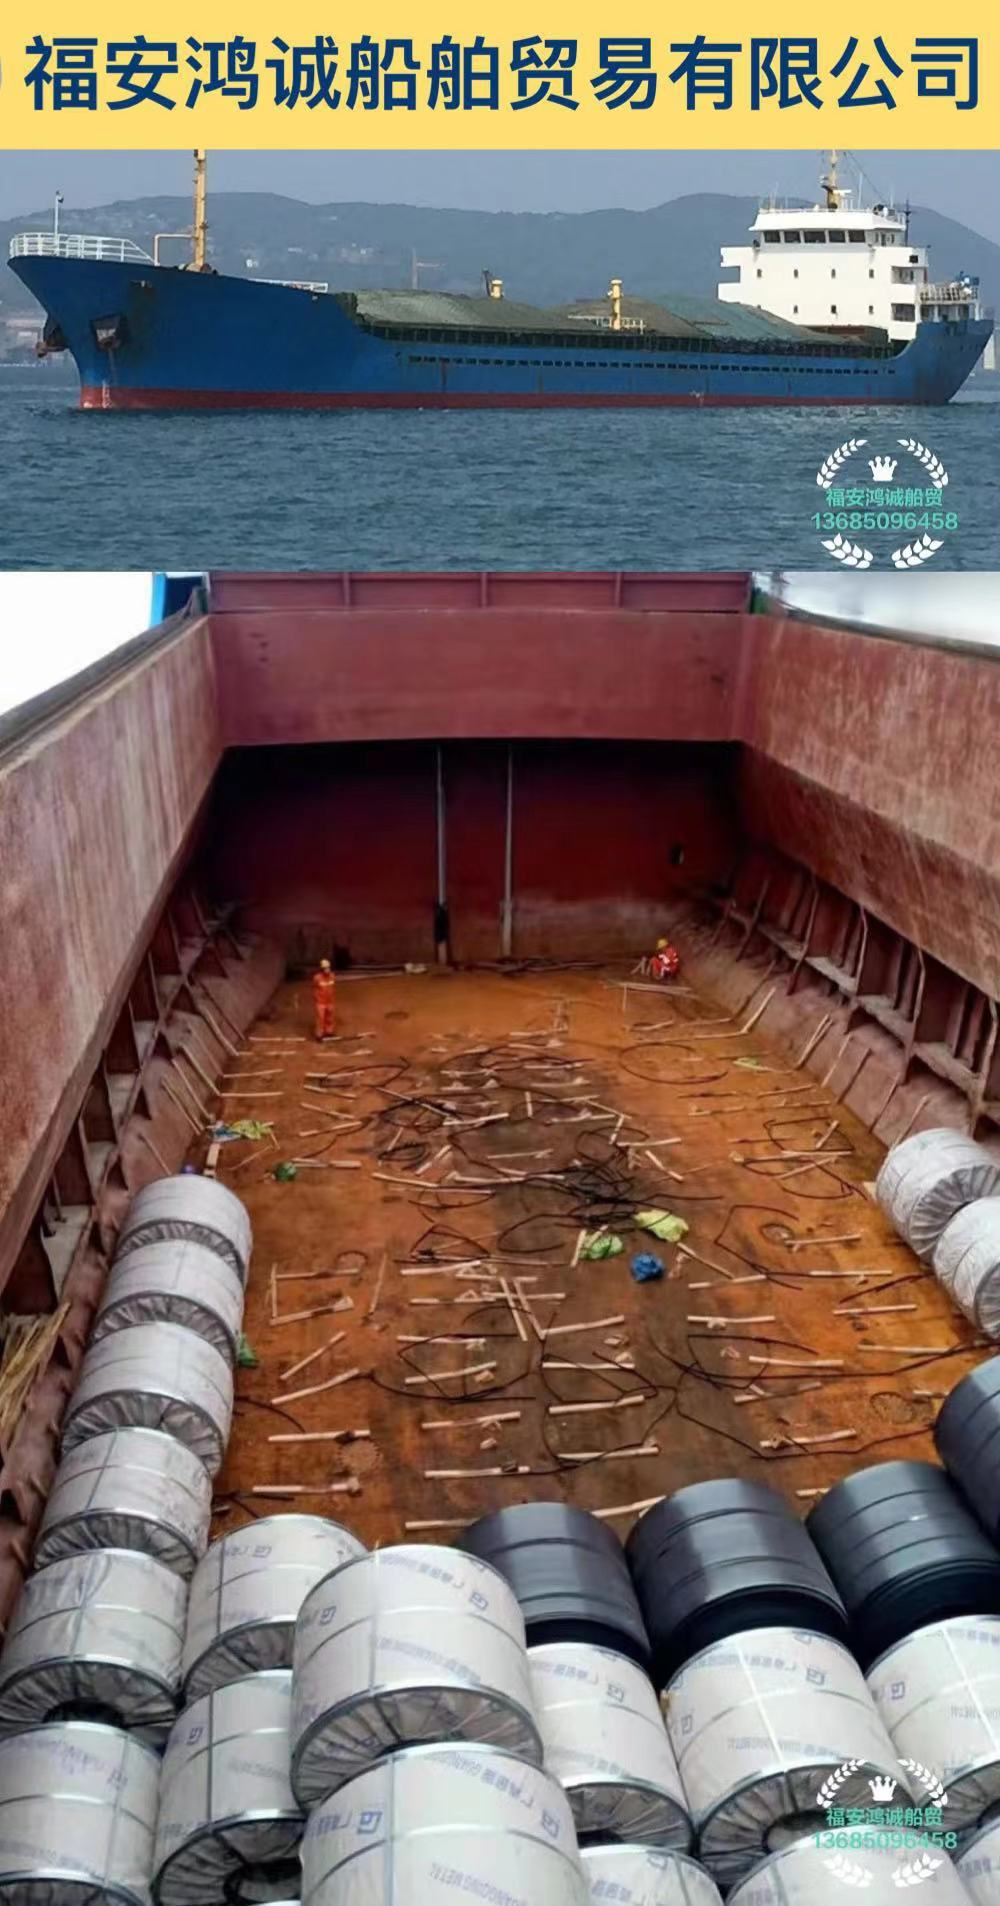 出售5000吨散货船:2005年浙江造